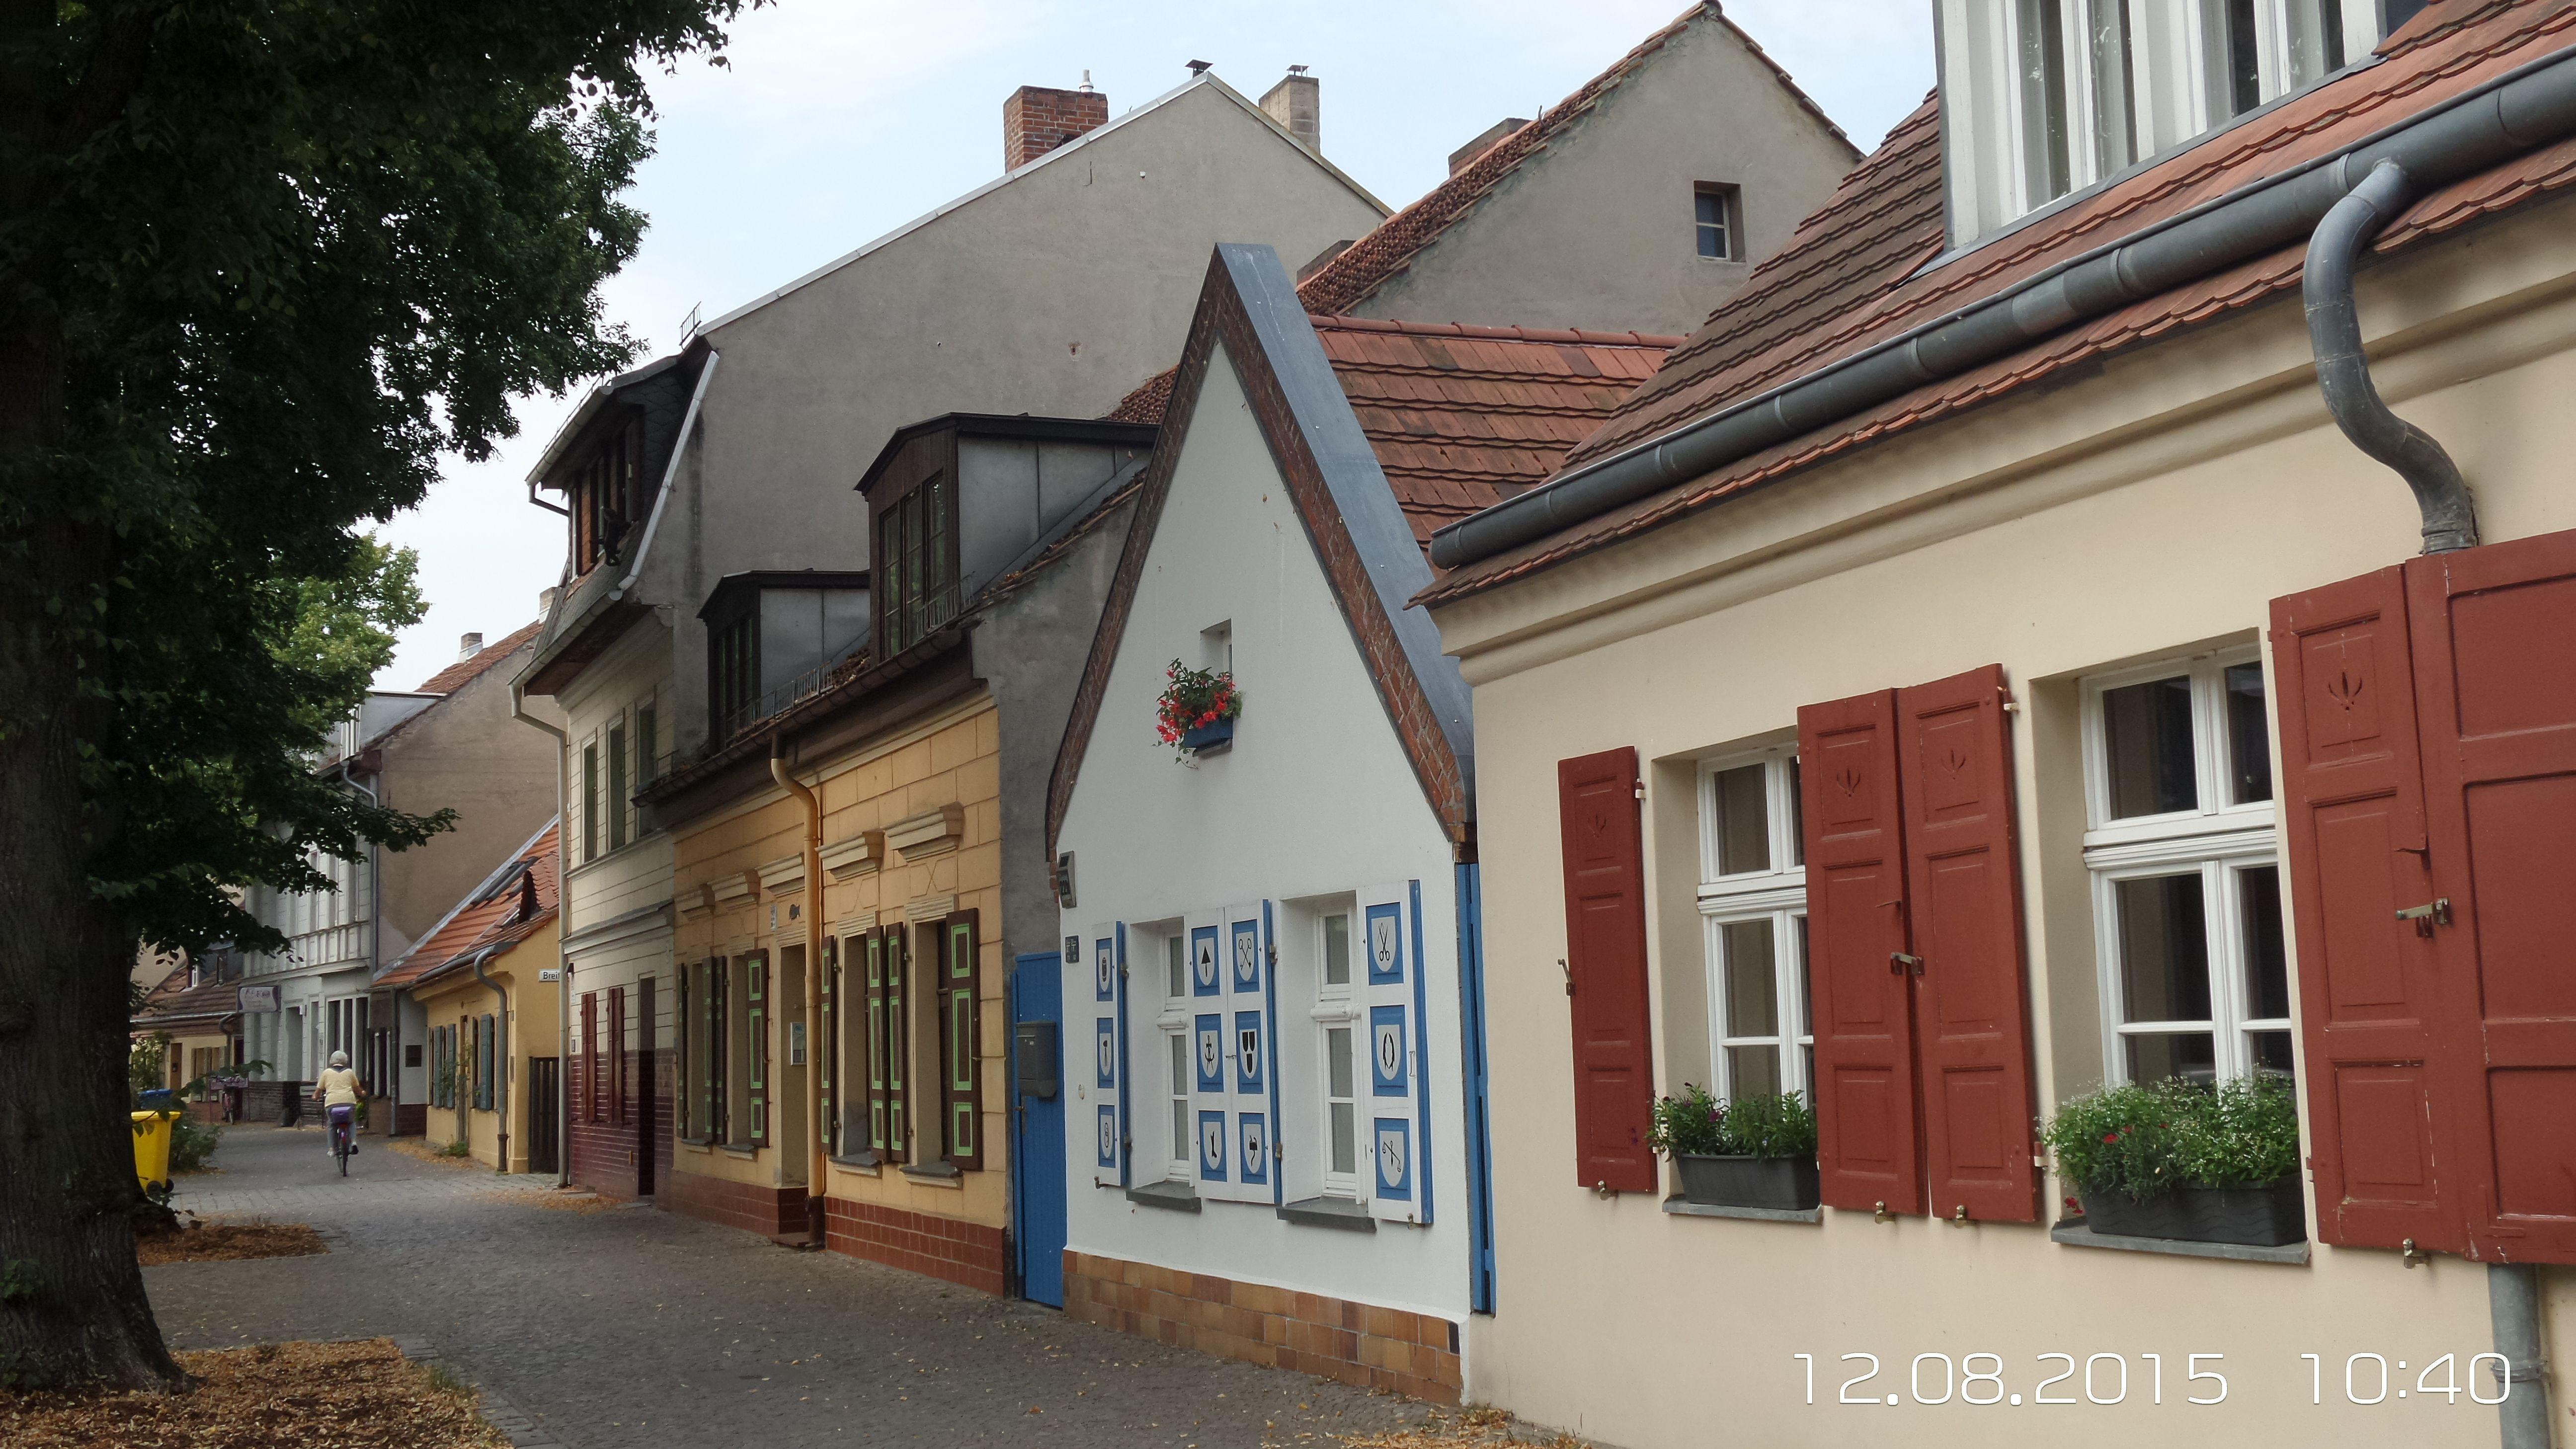 Altes Fischerhaus altstadt köpenick altes fischerhaus im kietz berliner